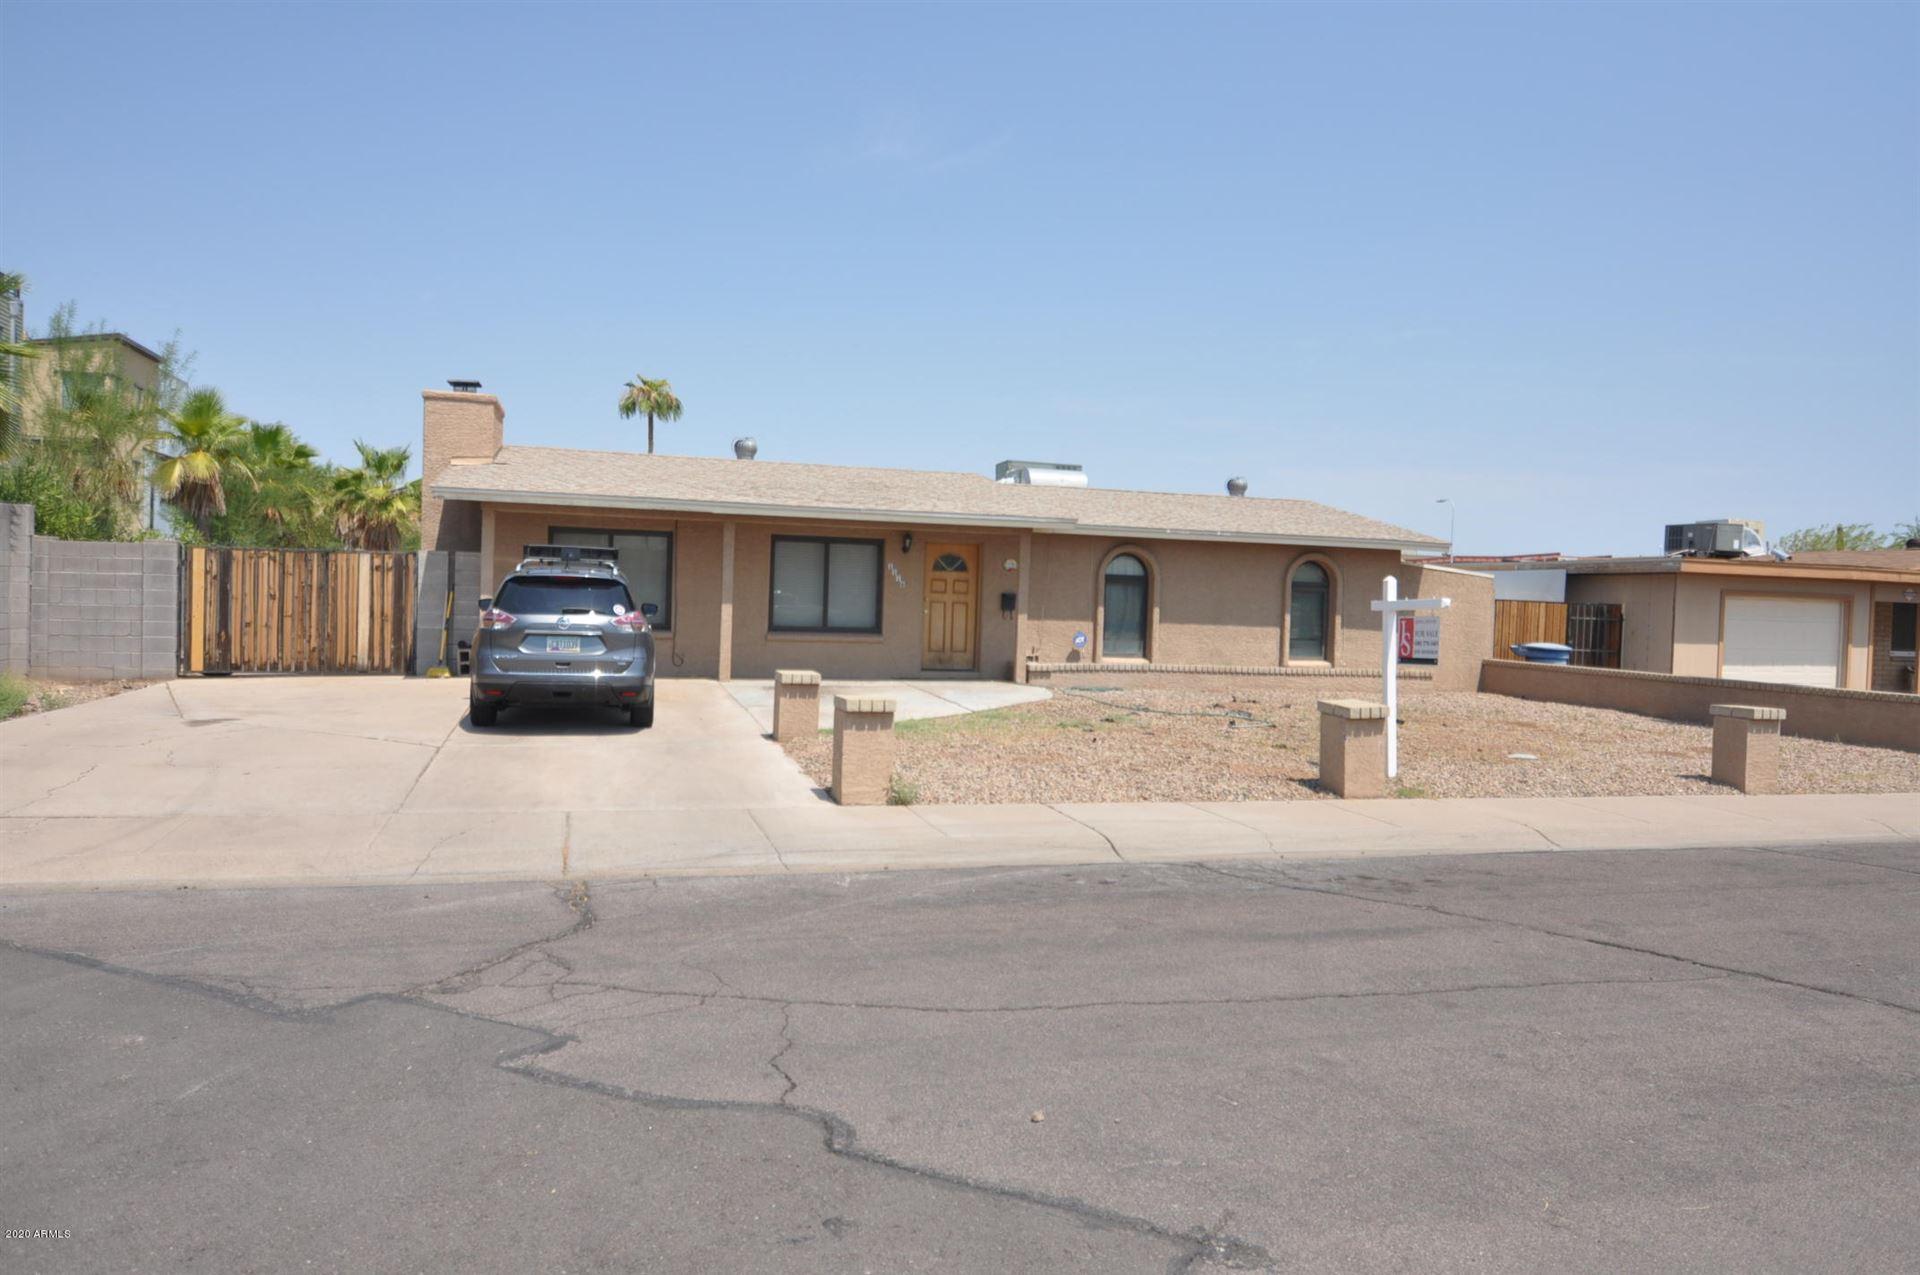 1116 E MARNY Road, Tempe, AZ 85281 - MLS#: 6117500